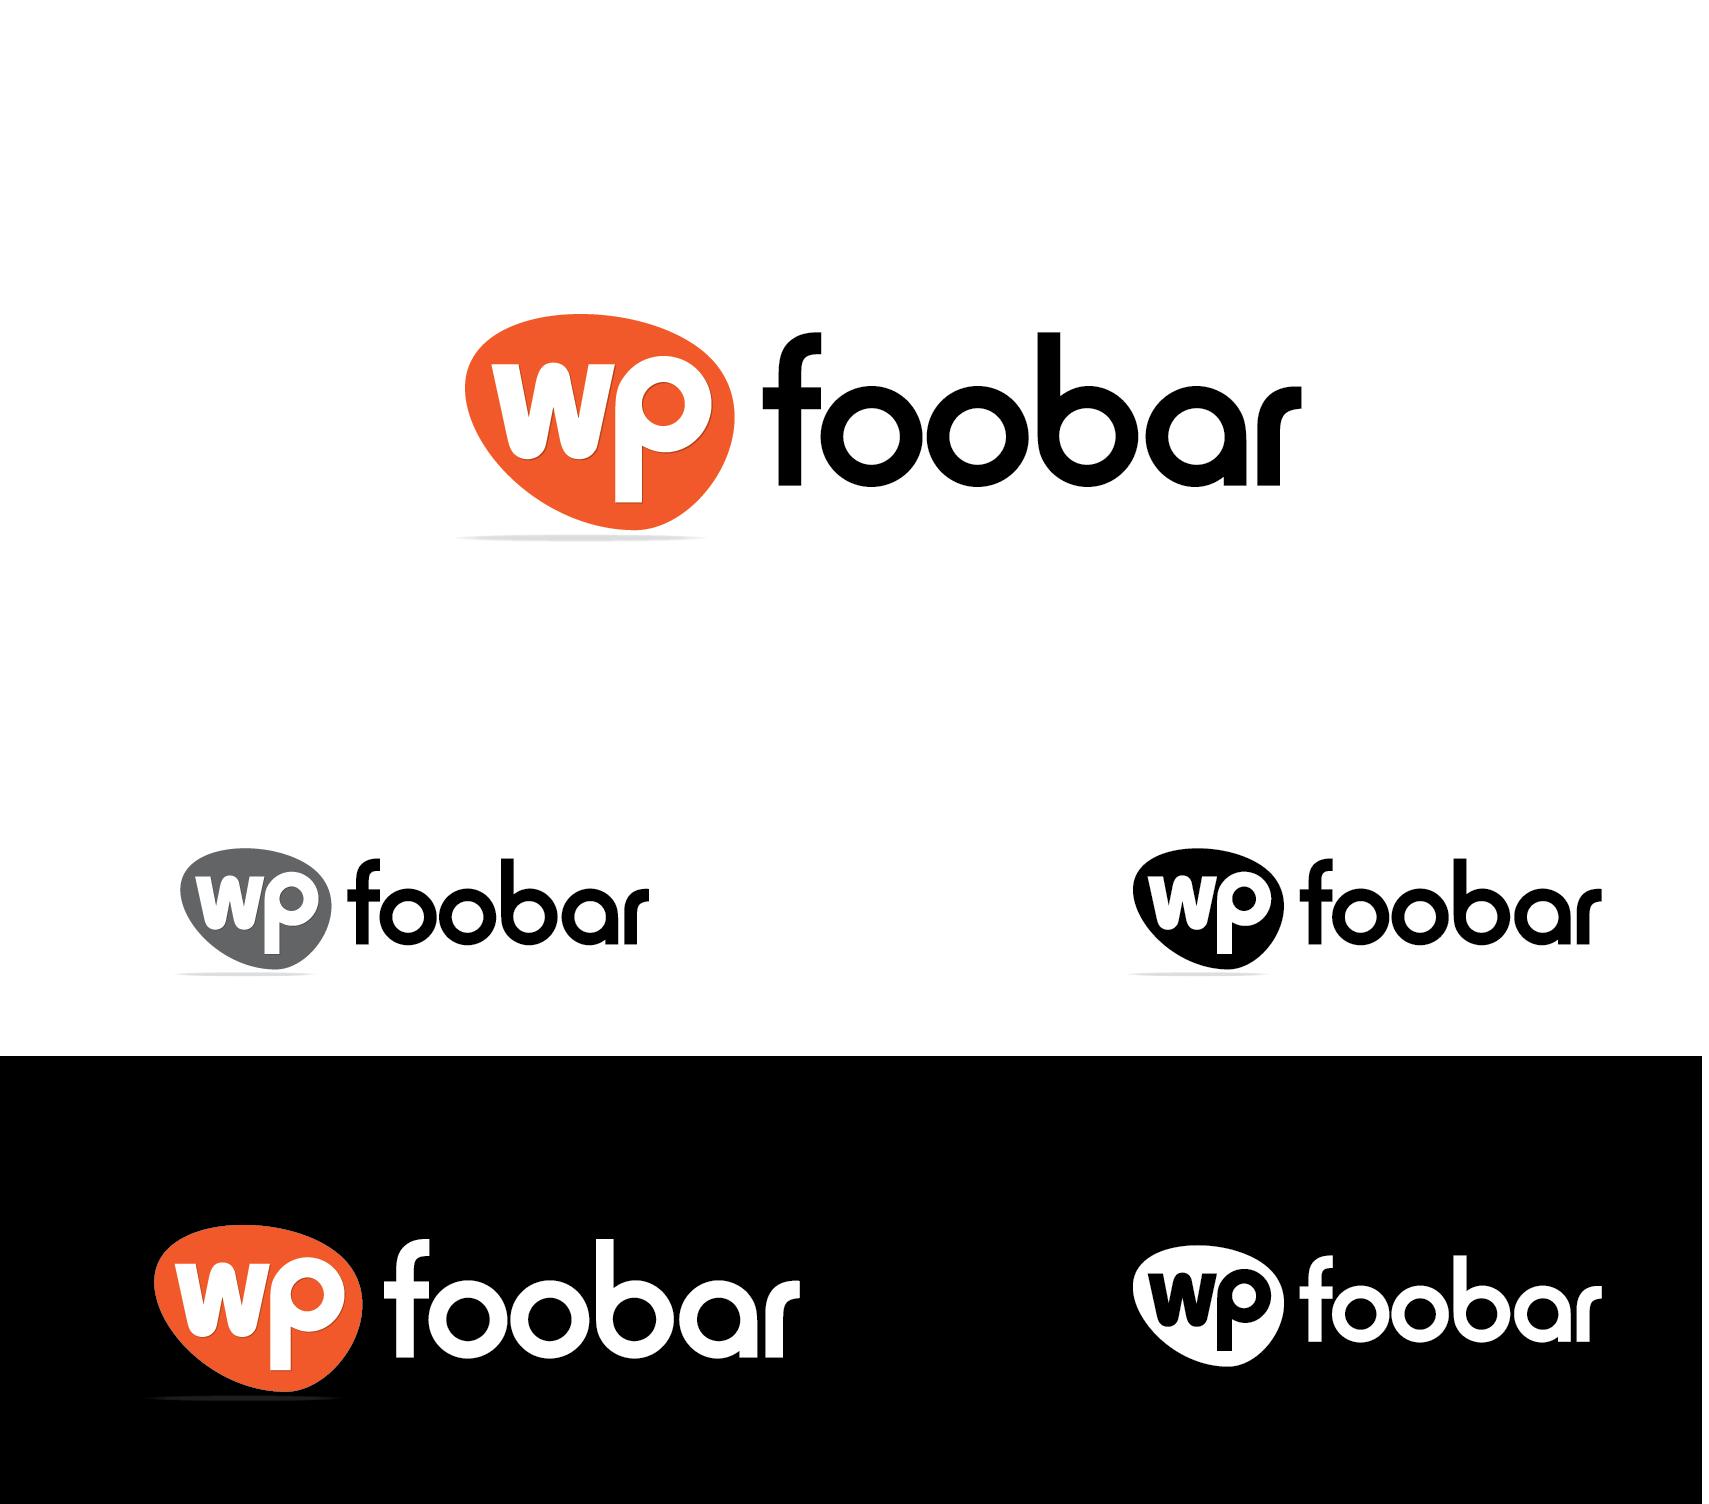 New logo wanted for WP Foobar